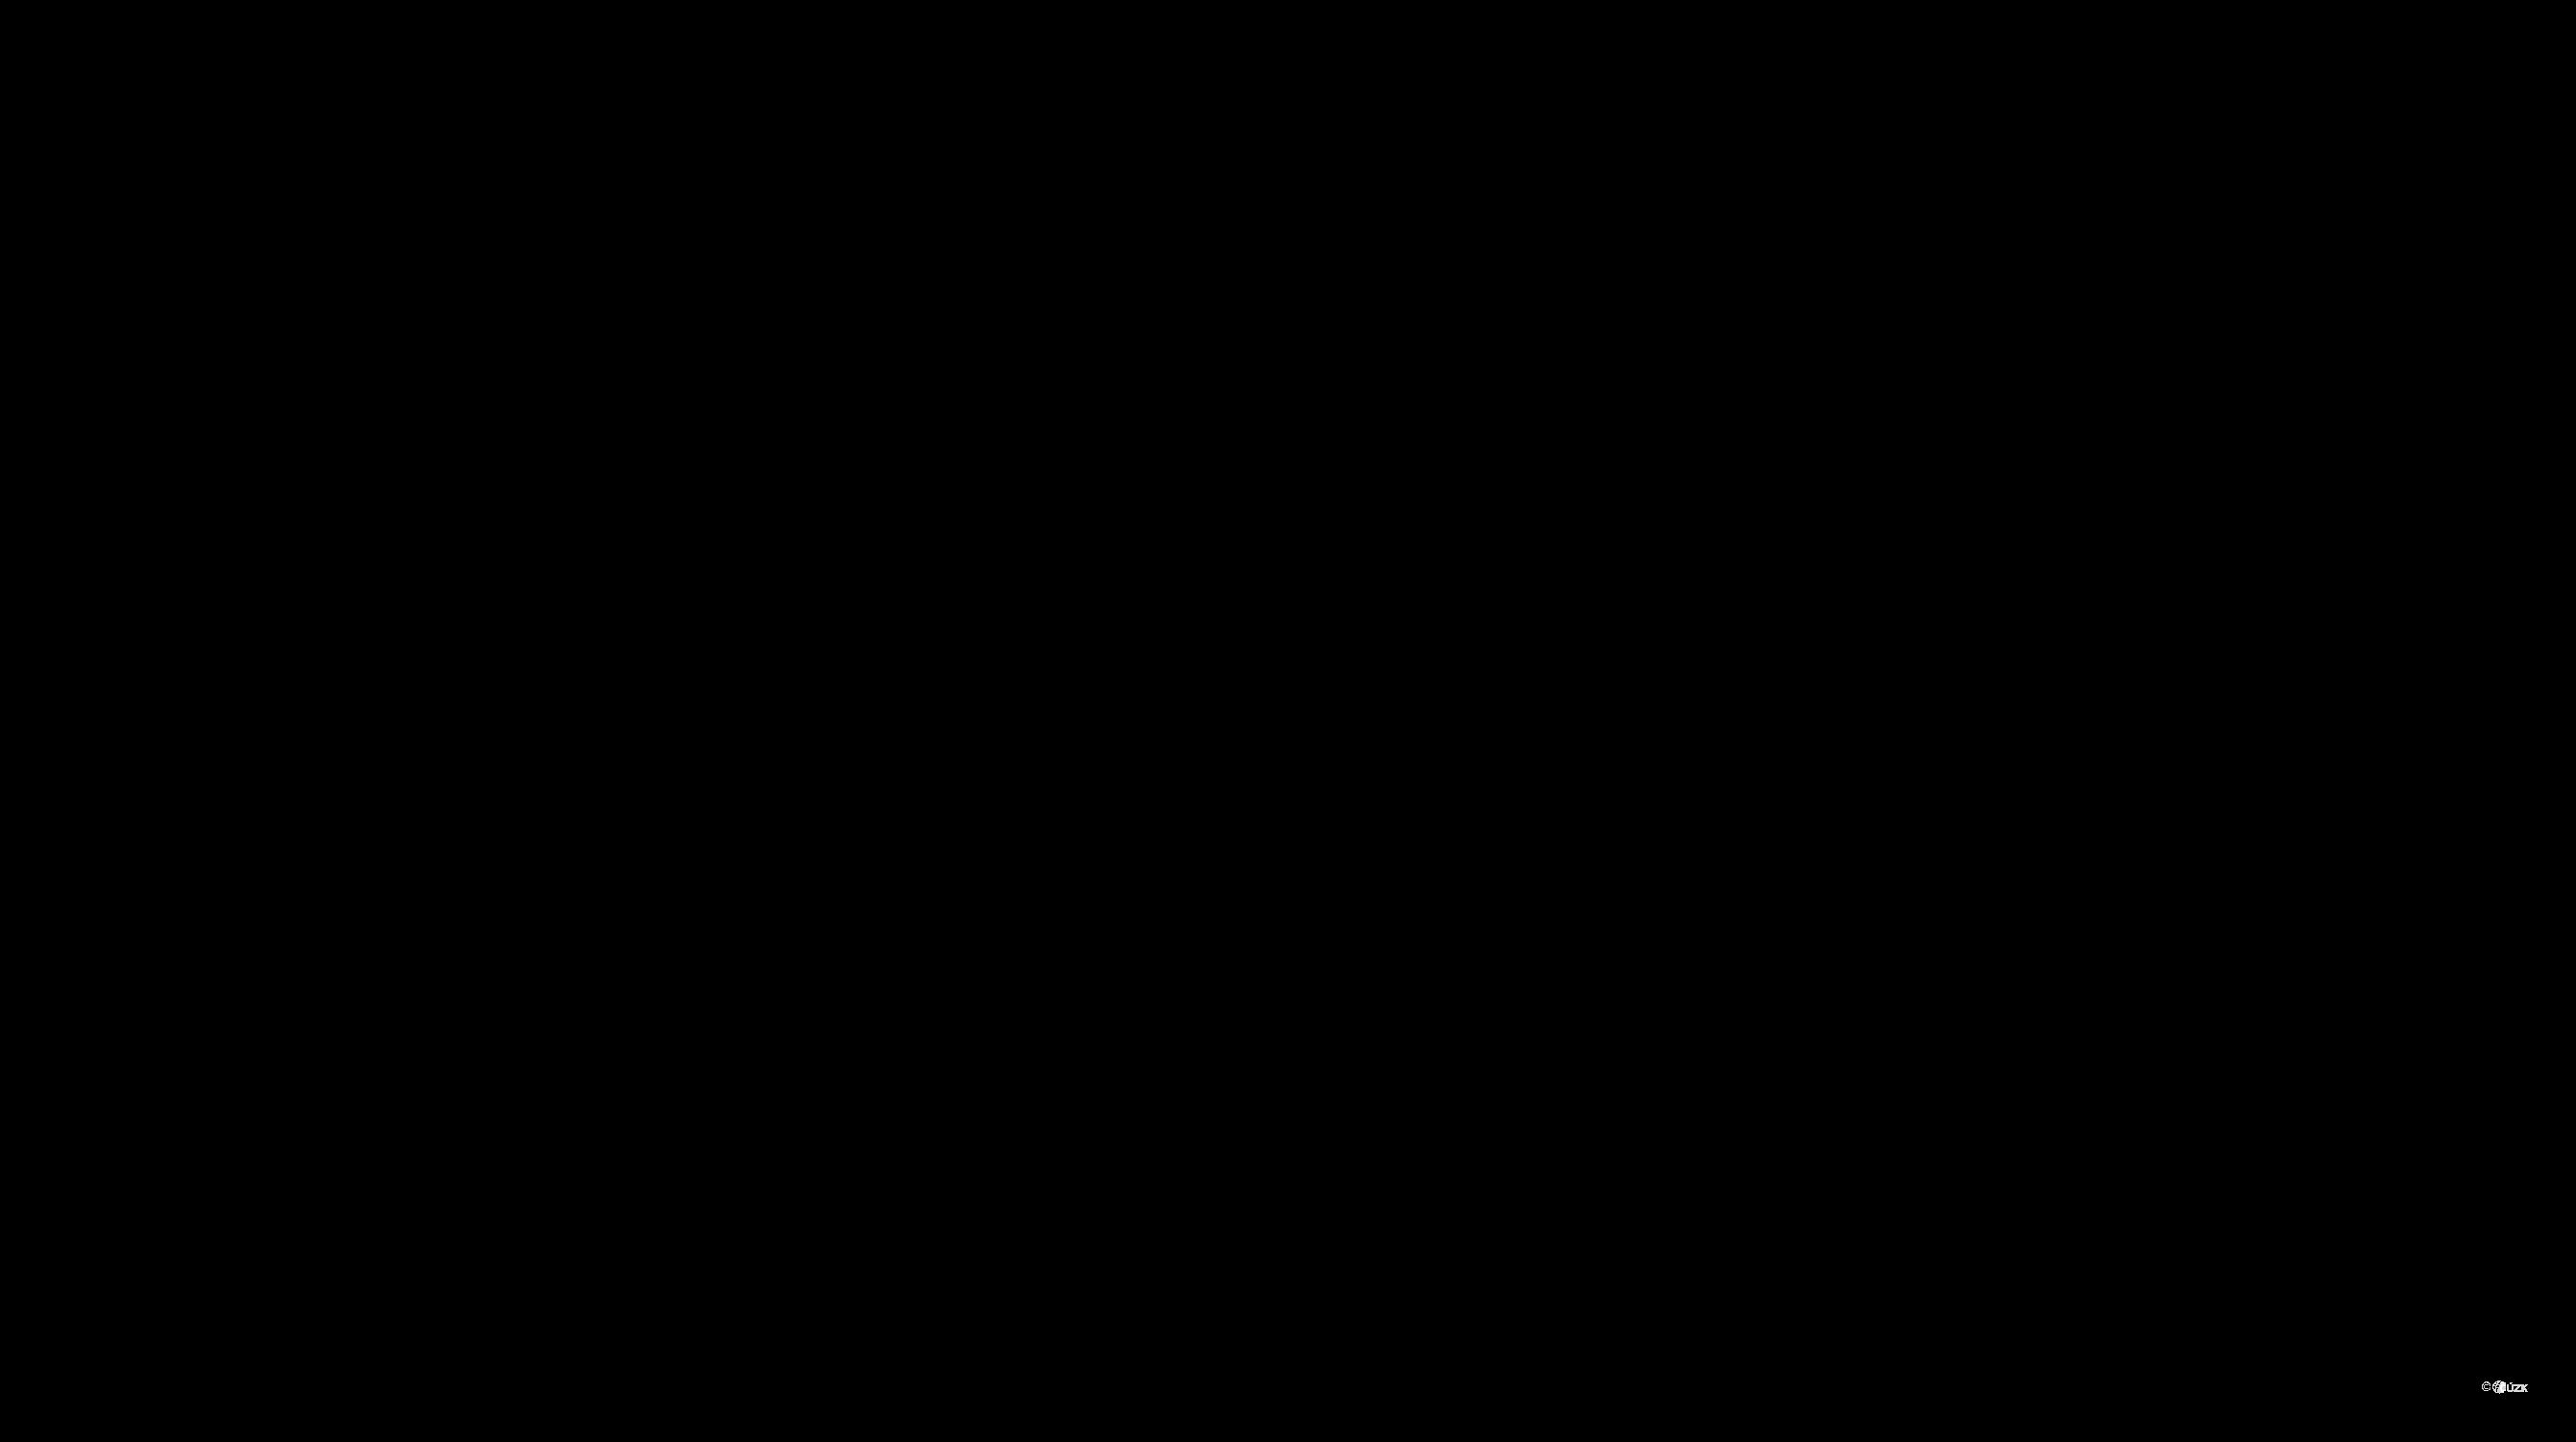 Katastrální mapa pozemků a čísla parcel Lískovec u Frýdku-Místku